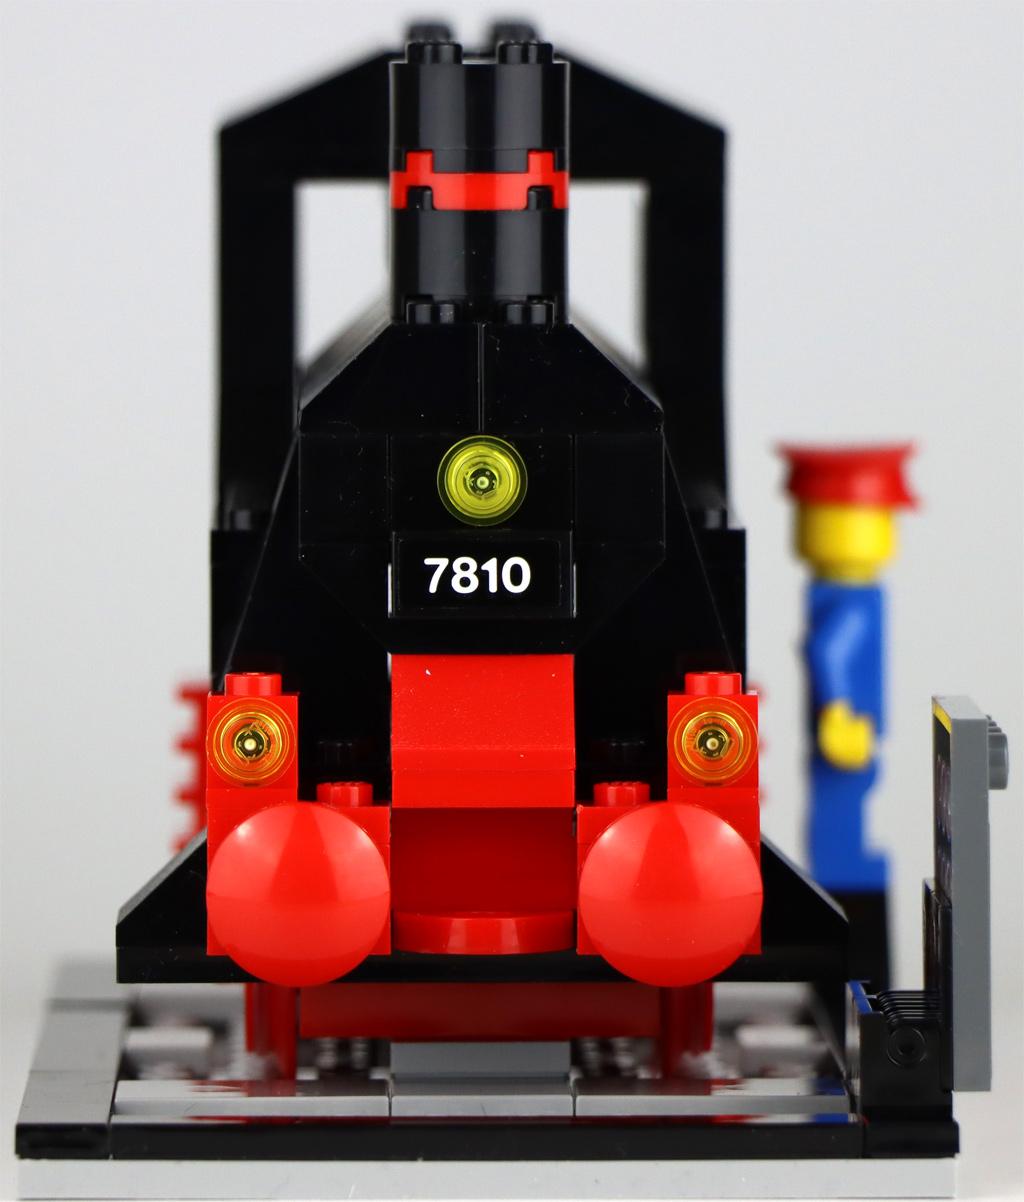 lego-zug-40-jahre-40370-front-2020-zusammengebaut-andres-lehmann zusammengebaut.com